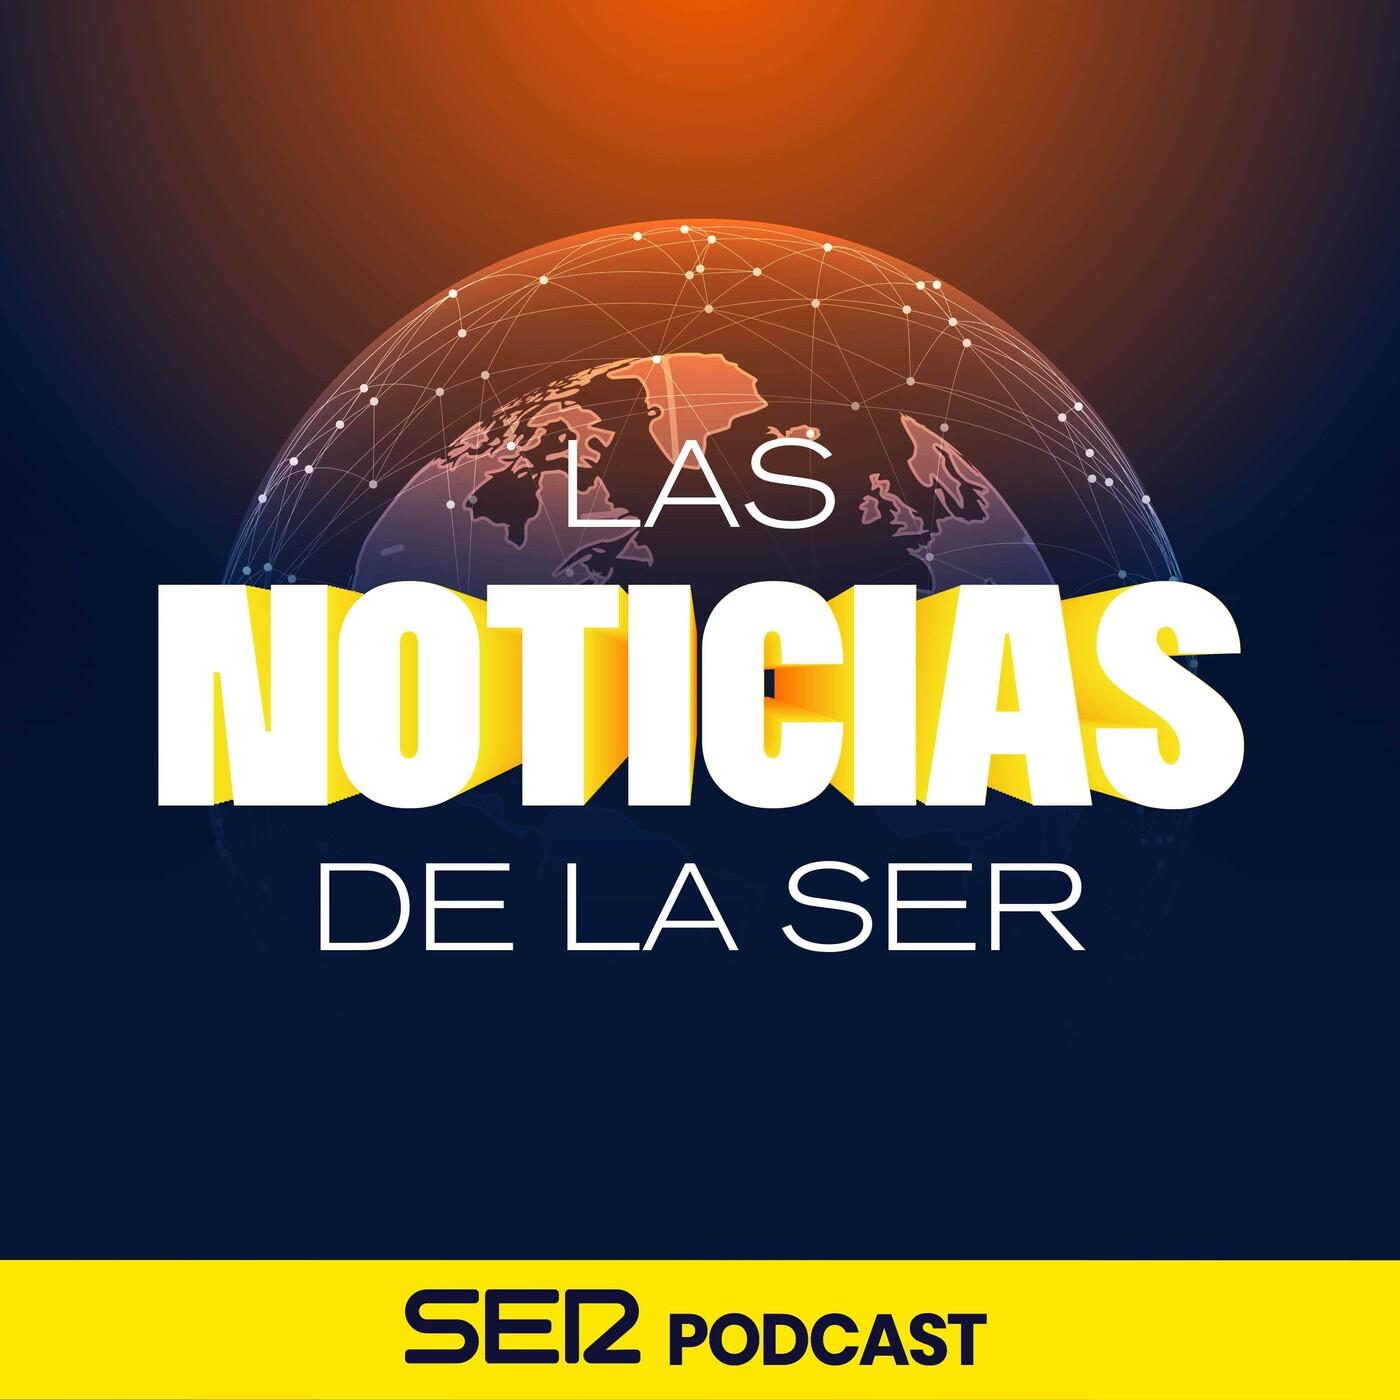 Las noticias de la SER, 04:00 (21/10/2020)